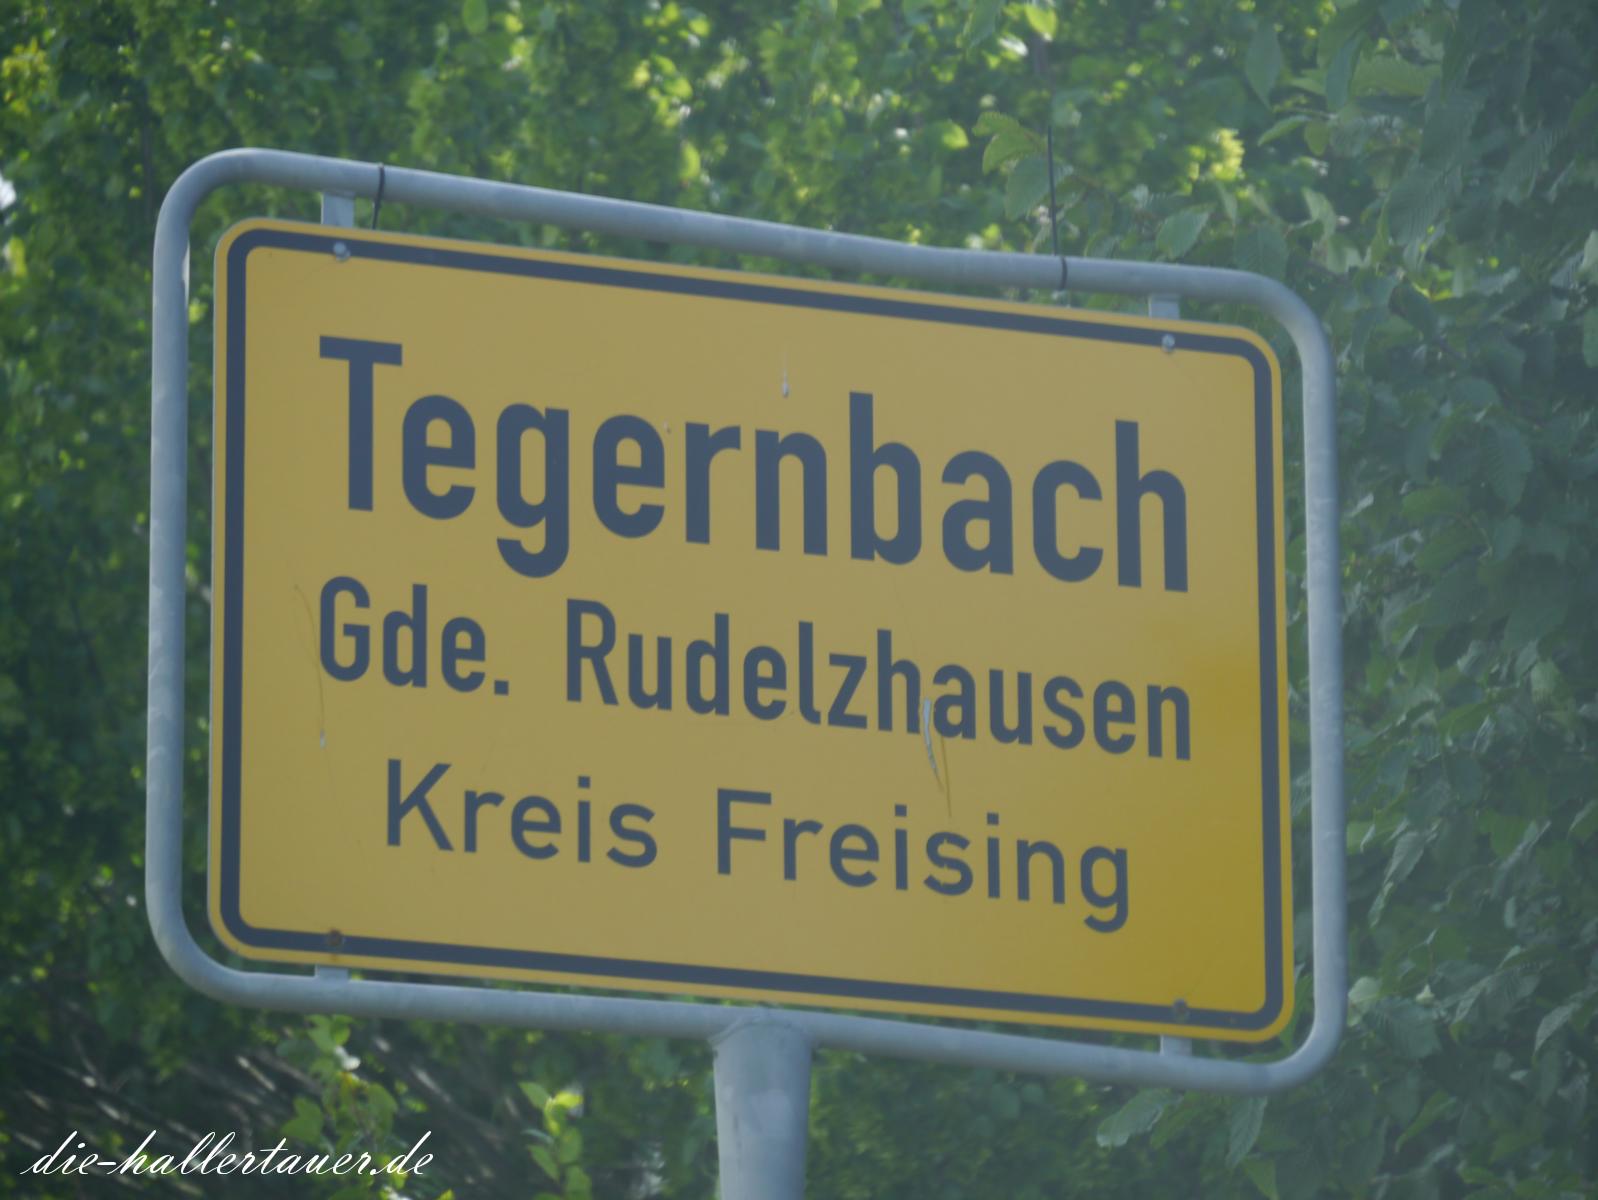 Hallertauer Geschichten Tegernbach